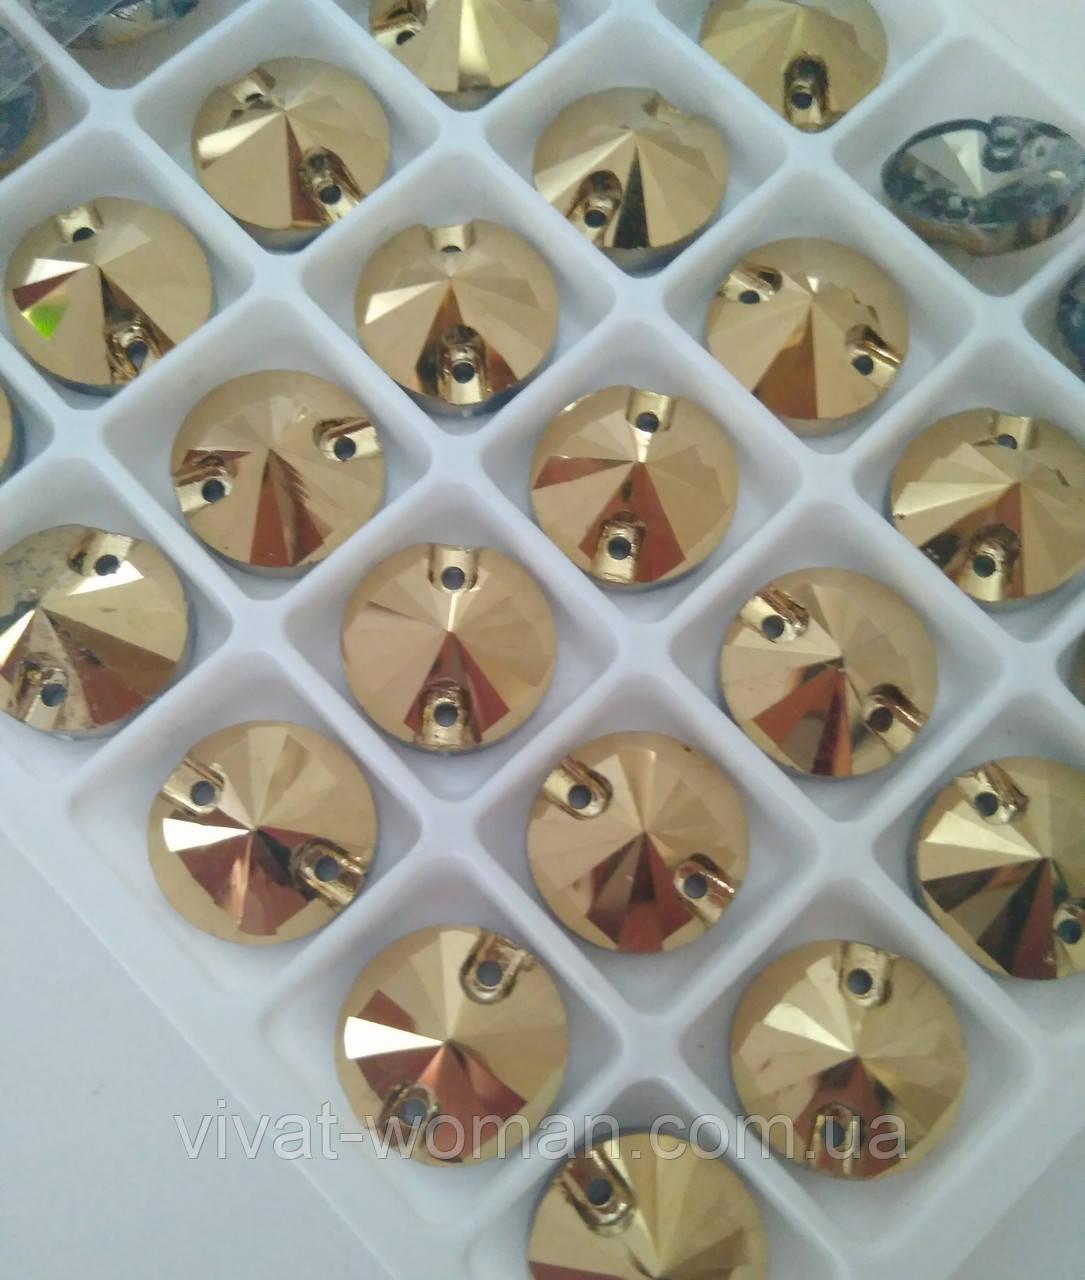 Стрази пришивні Ріволі (коло) d12 мм Gold Hematite (золотий), скло